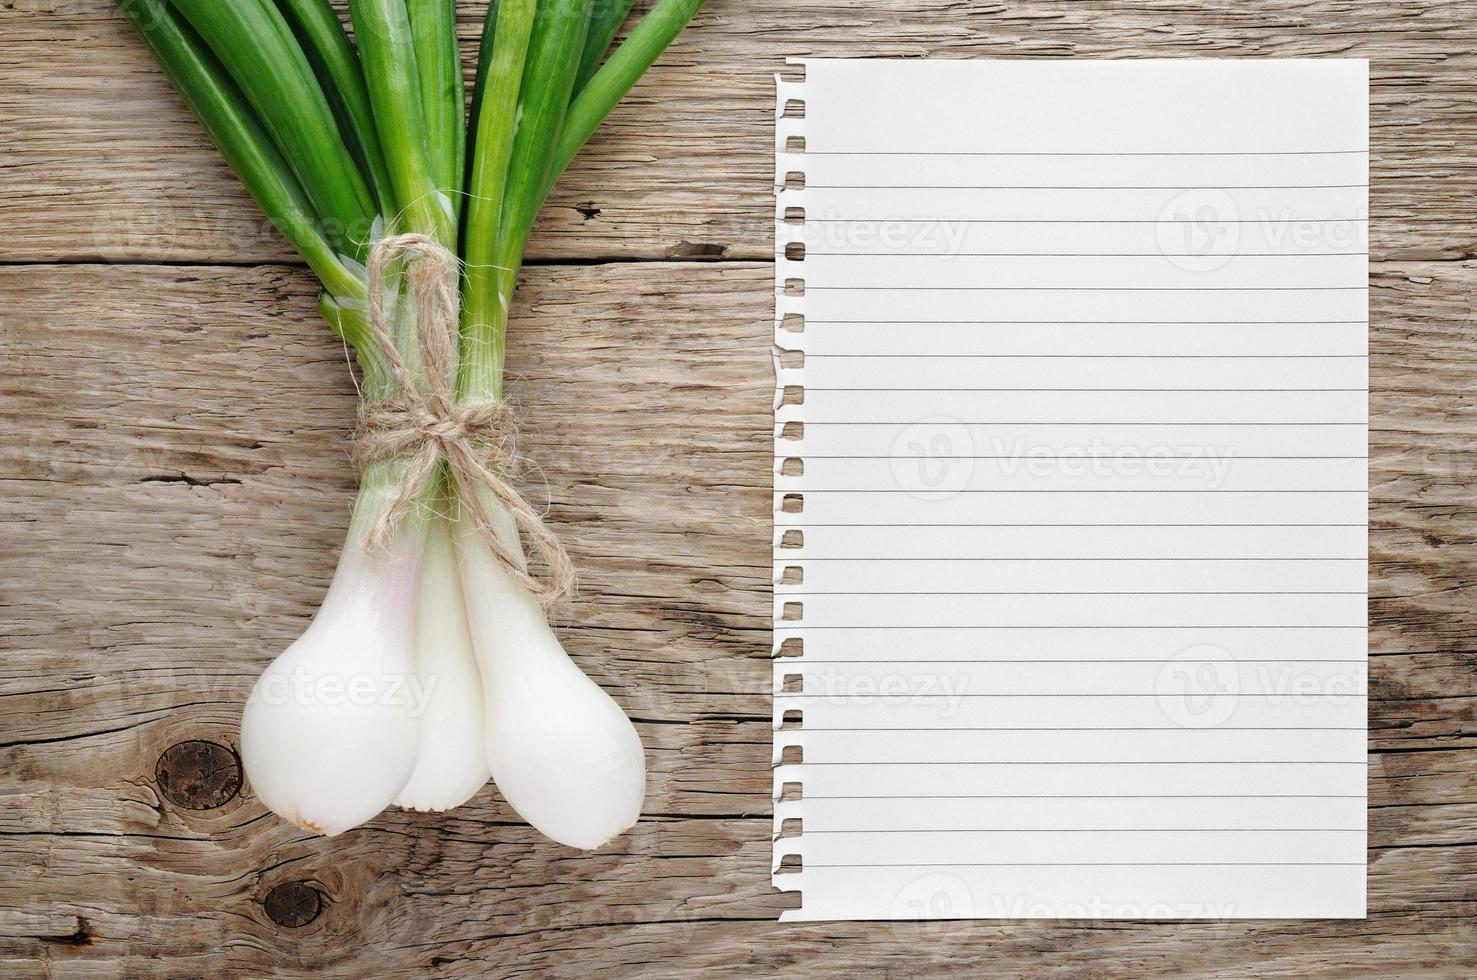 oignon vert et papier pour recette photo